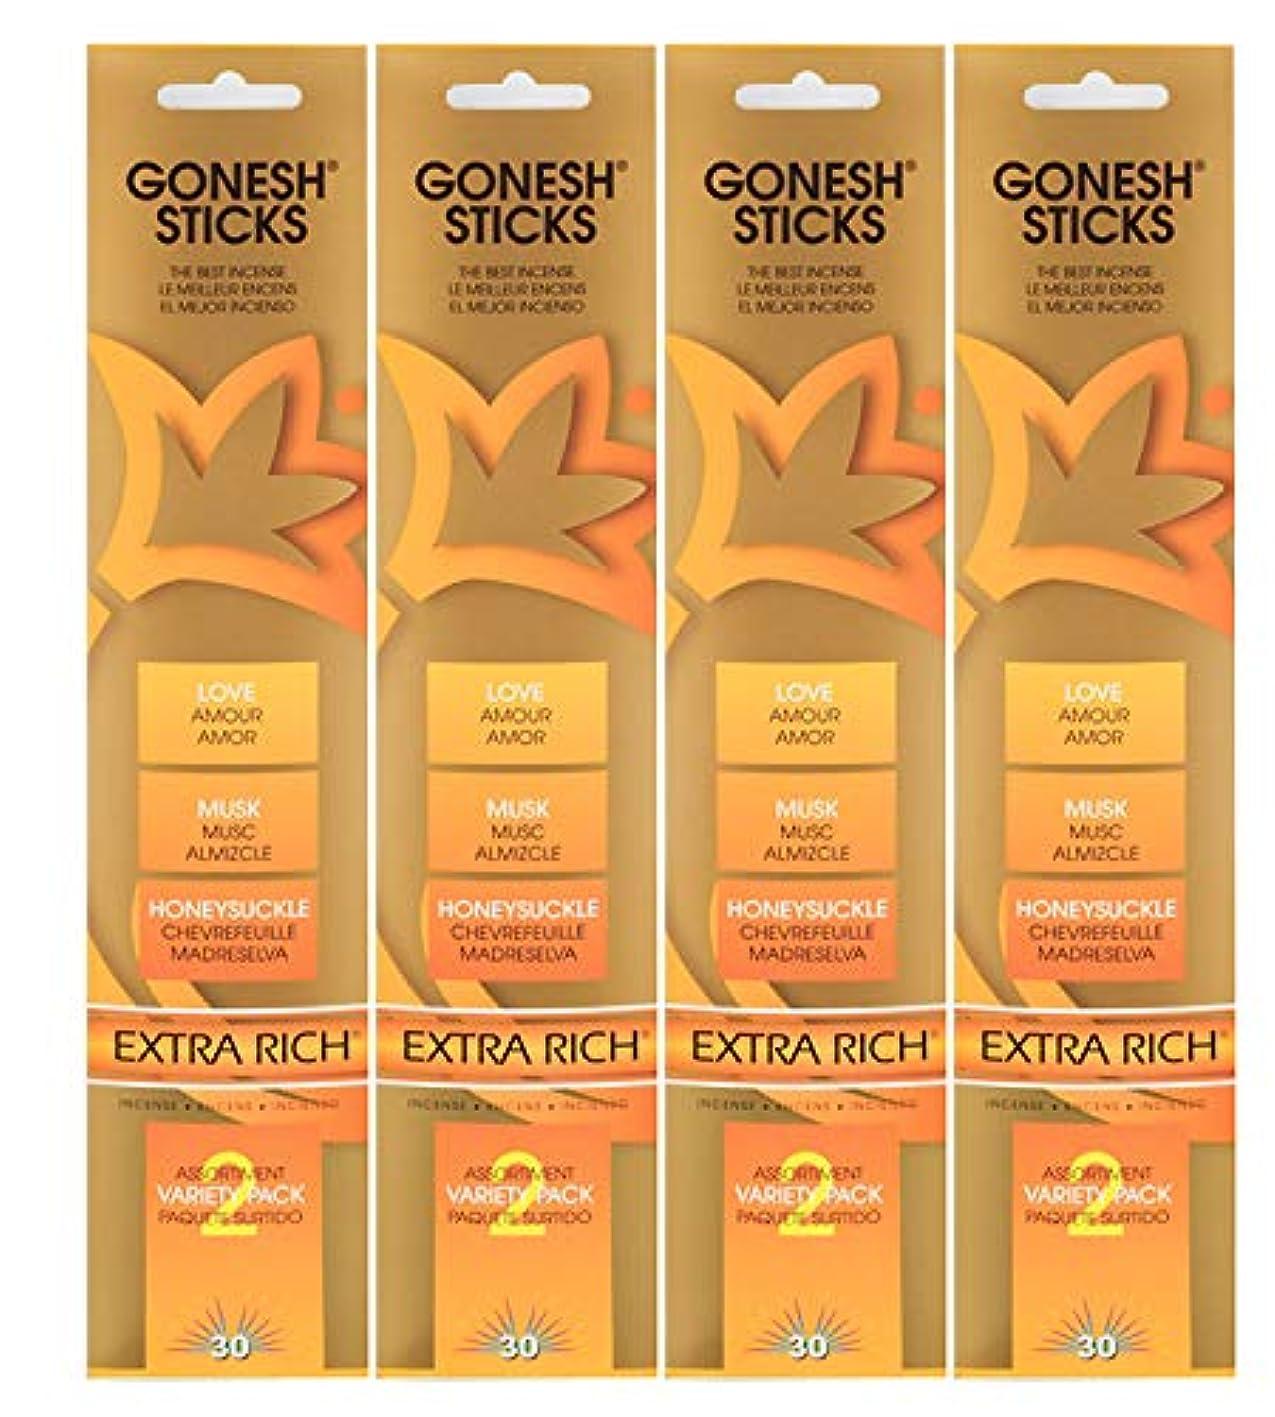 装置精算かるGonesh Incense Sticks – Extra Rich Variety Pack # 2 (愛、ムスク、スイカズラ) Lot of 4